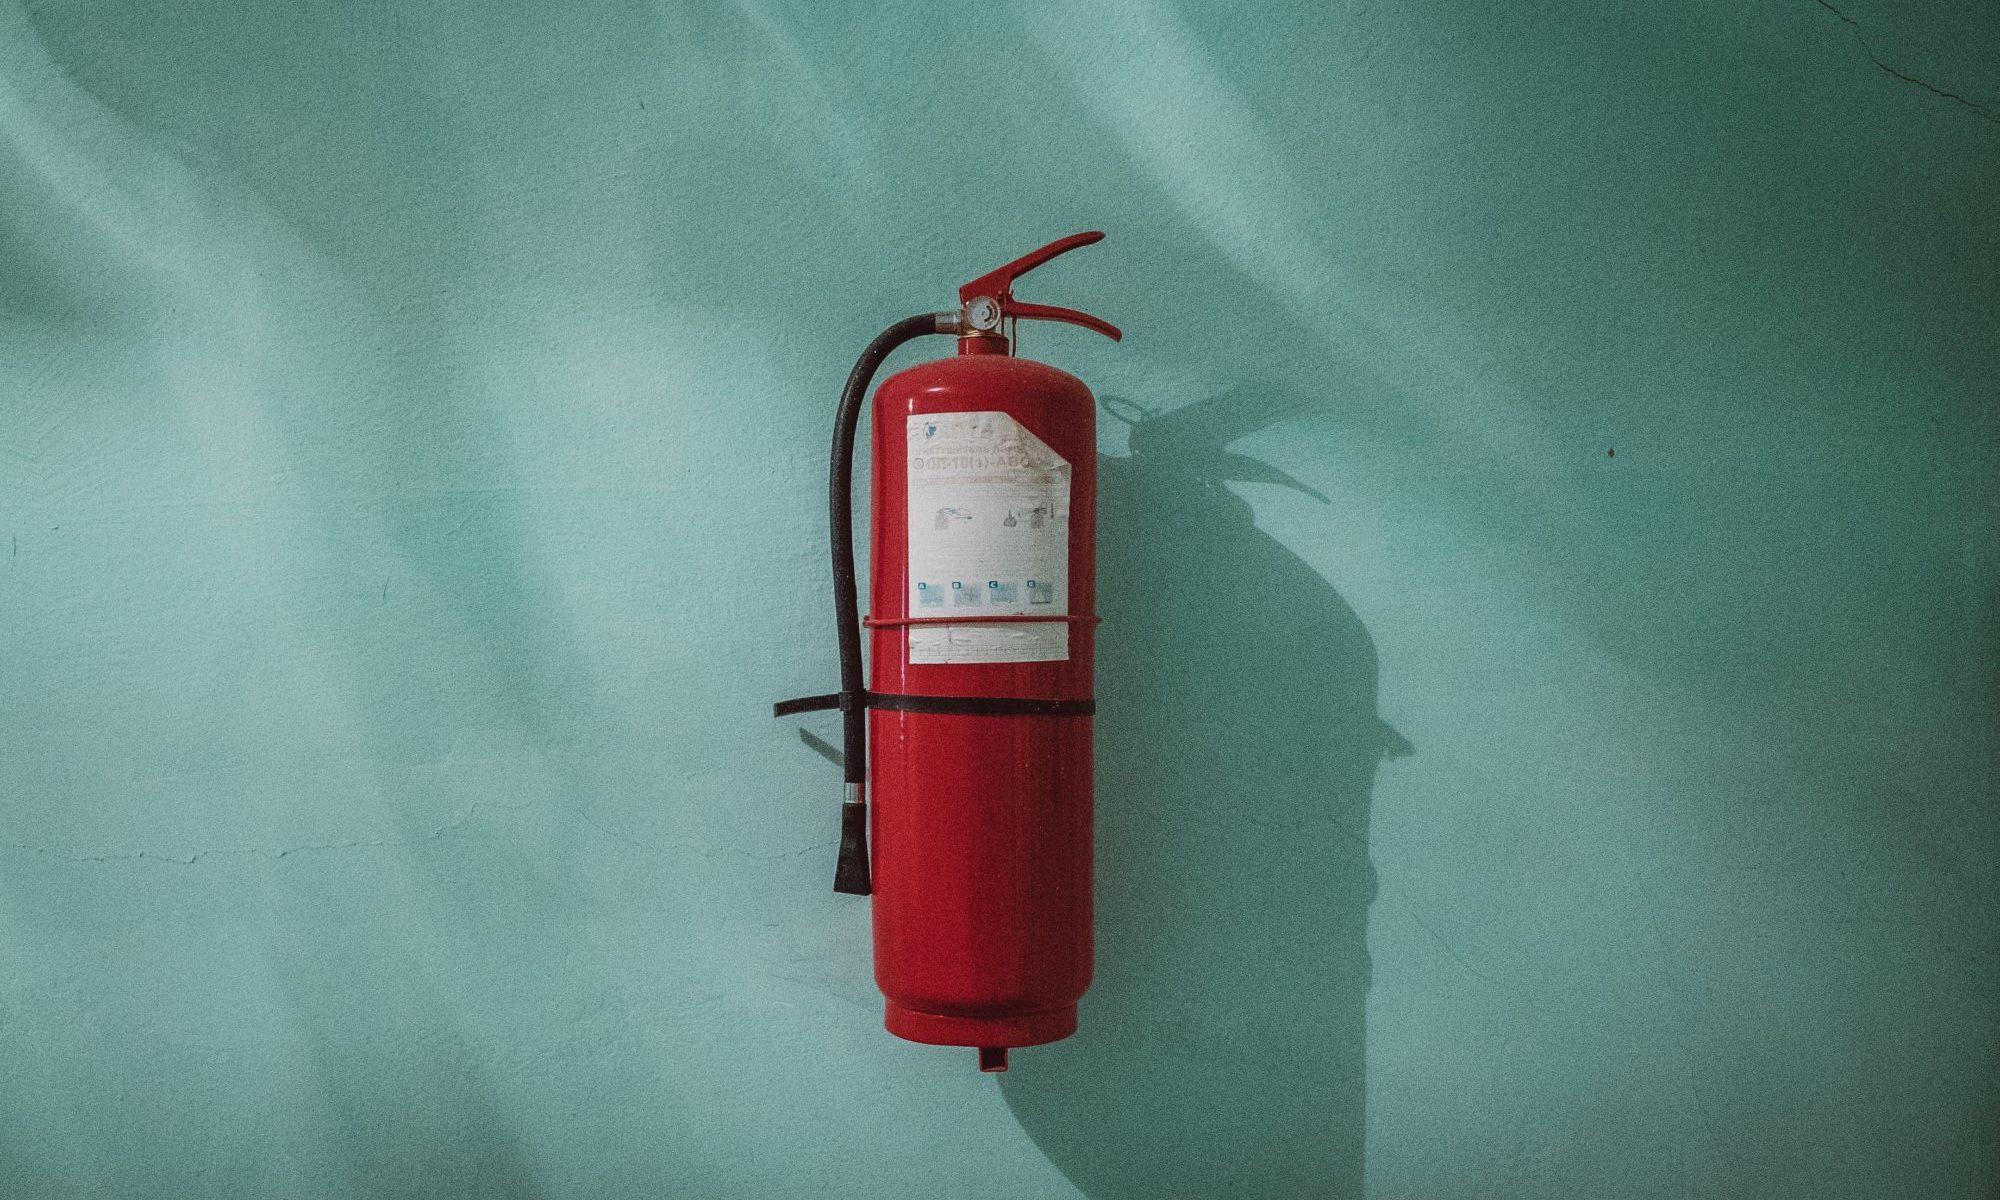 緑の壁に消火器